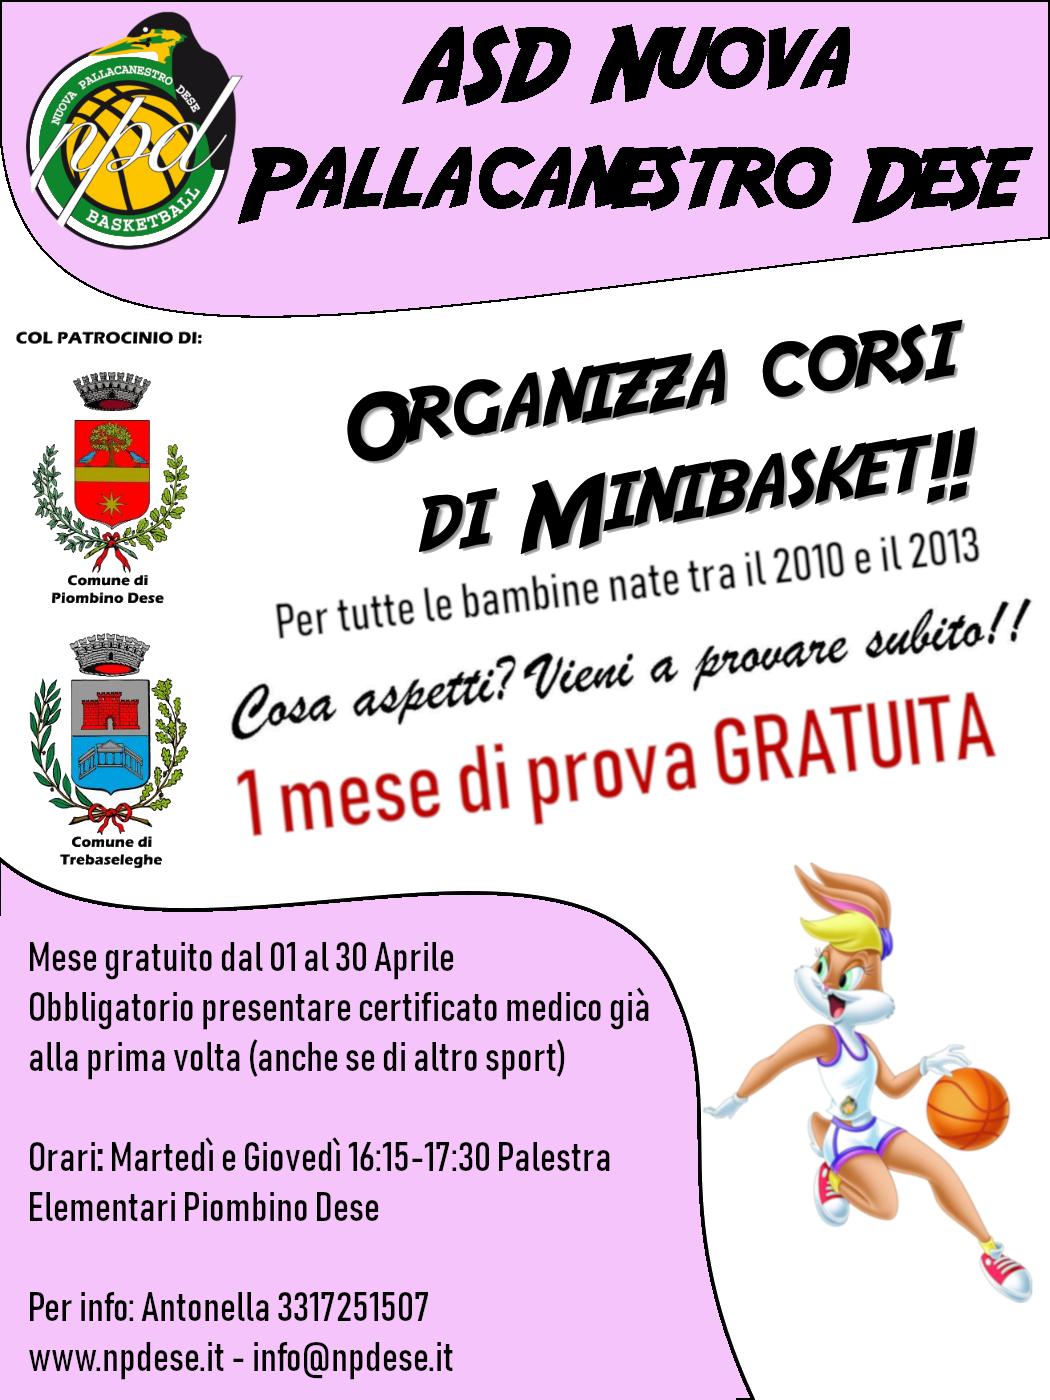 Un mese di prova gratuita per le bambine nate tra il 2010 e il 2013 - minibasket nuova pallacanestro piombino dese